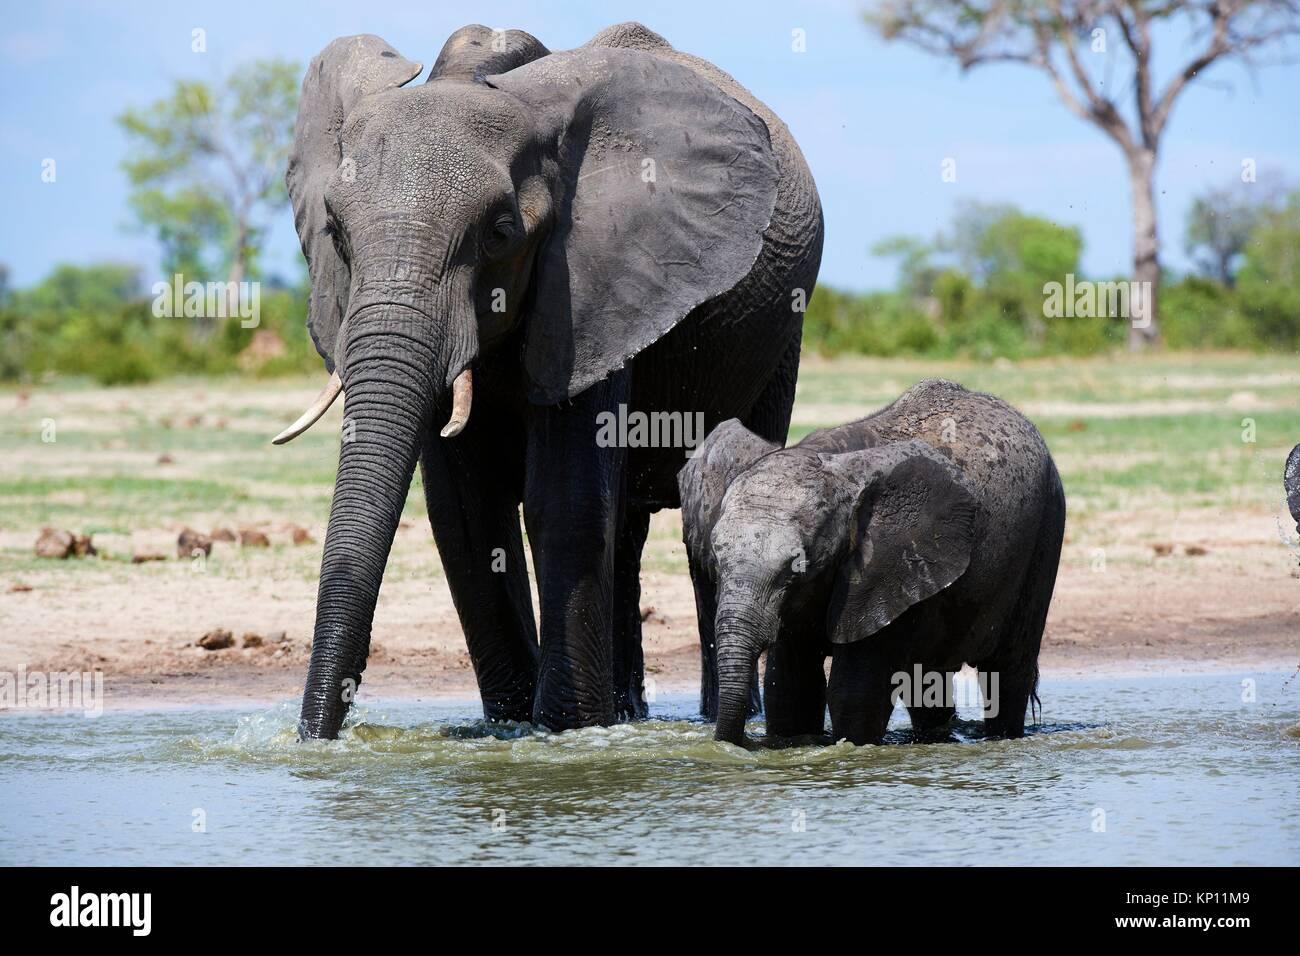 Mère et son petit éléphant d'Afrique (Loxodonta africana) de l'alcool à un watehole. Photo Stock